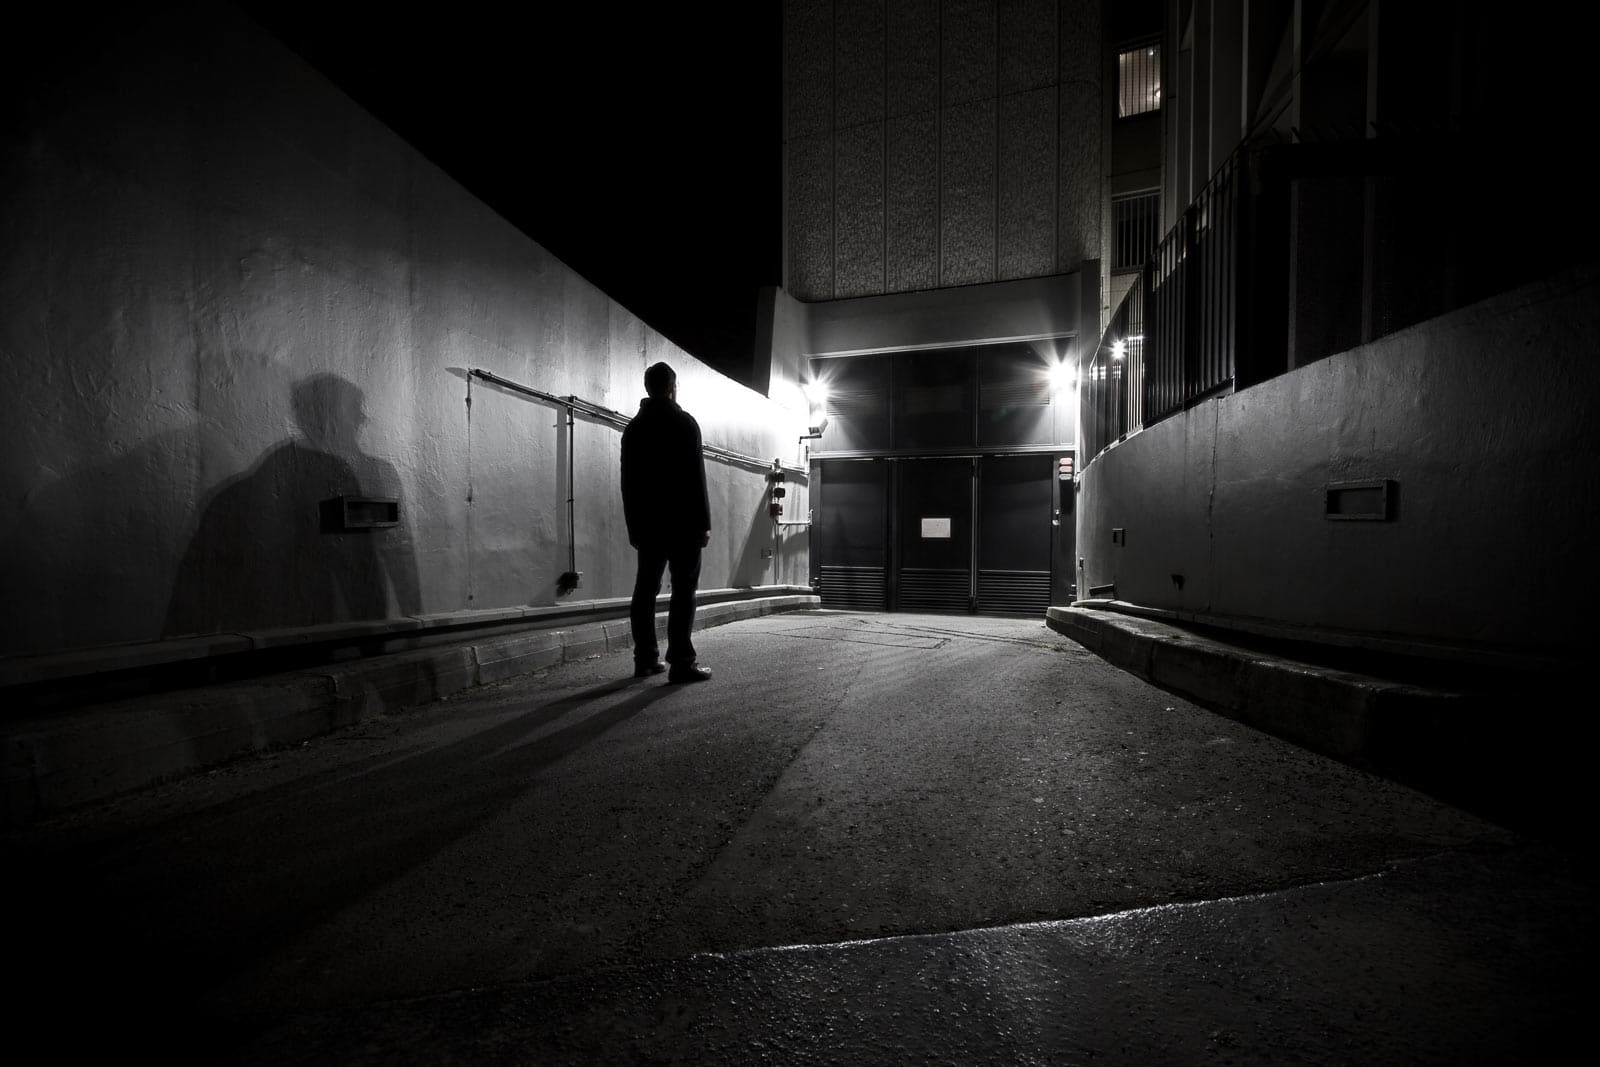 obscur-compagnon-de-route-photographie-nuit-urbaine.jpg (1600×1067)